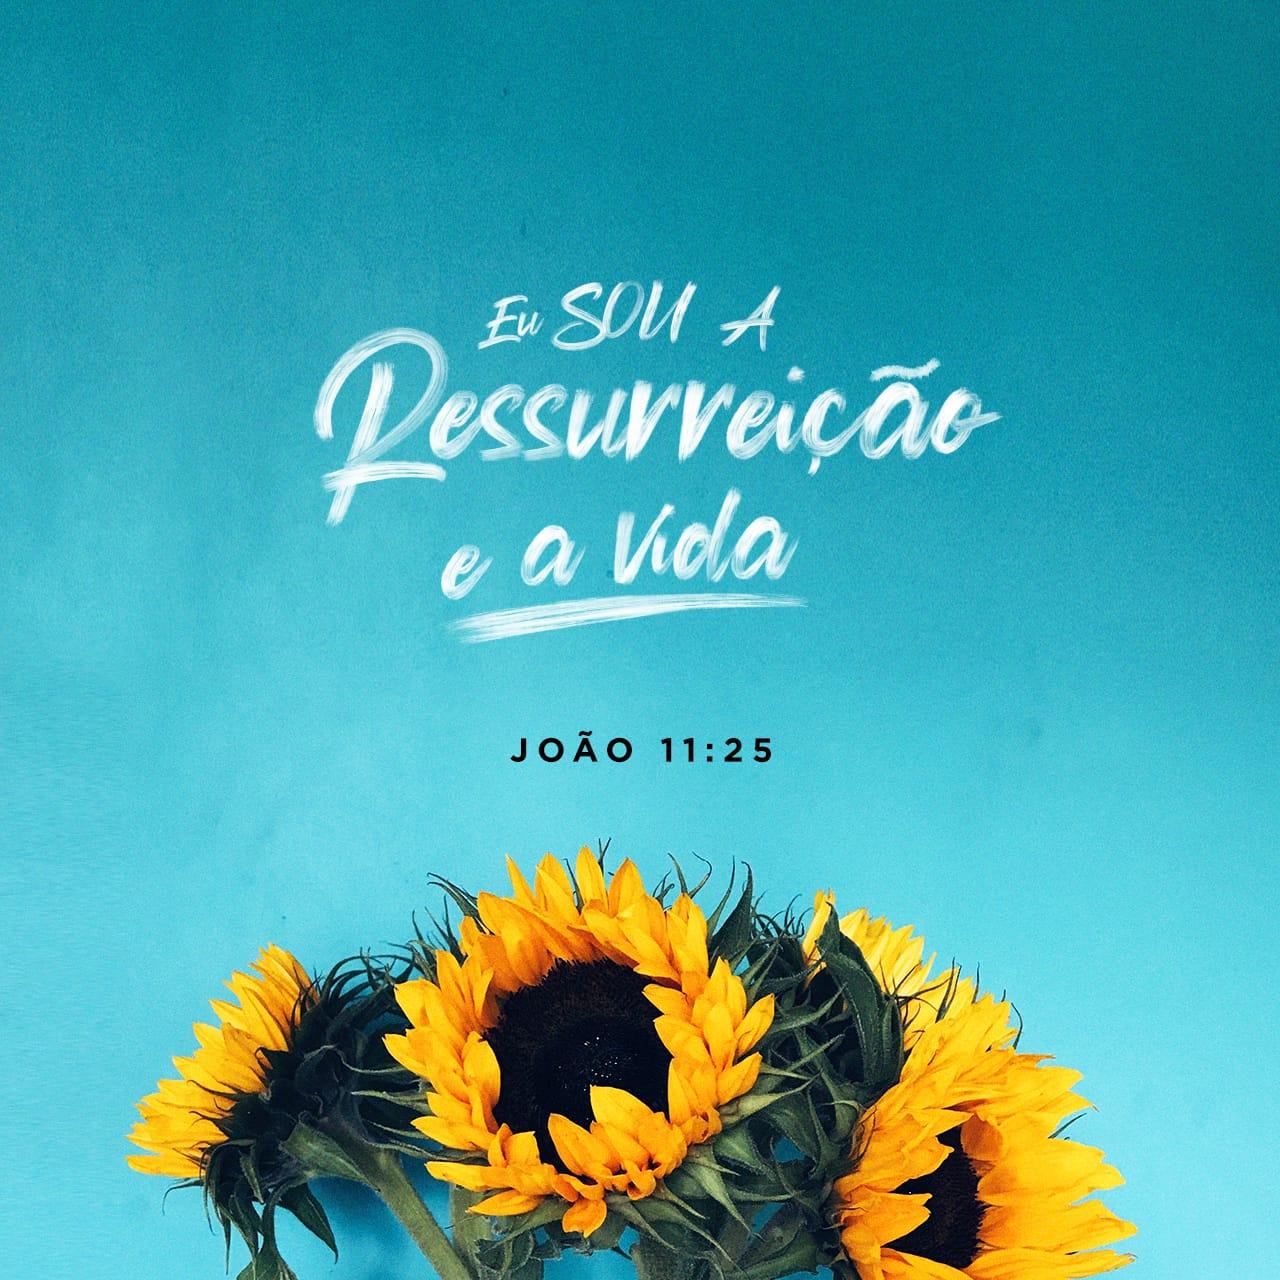 Imagem do Versículo de João 11:25